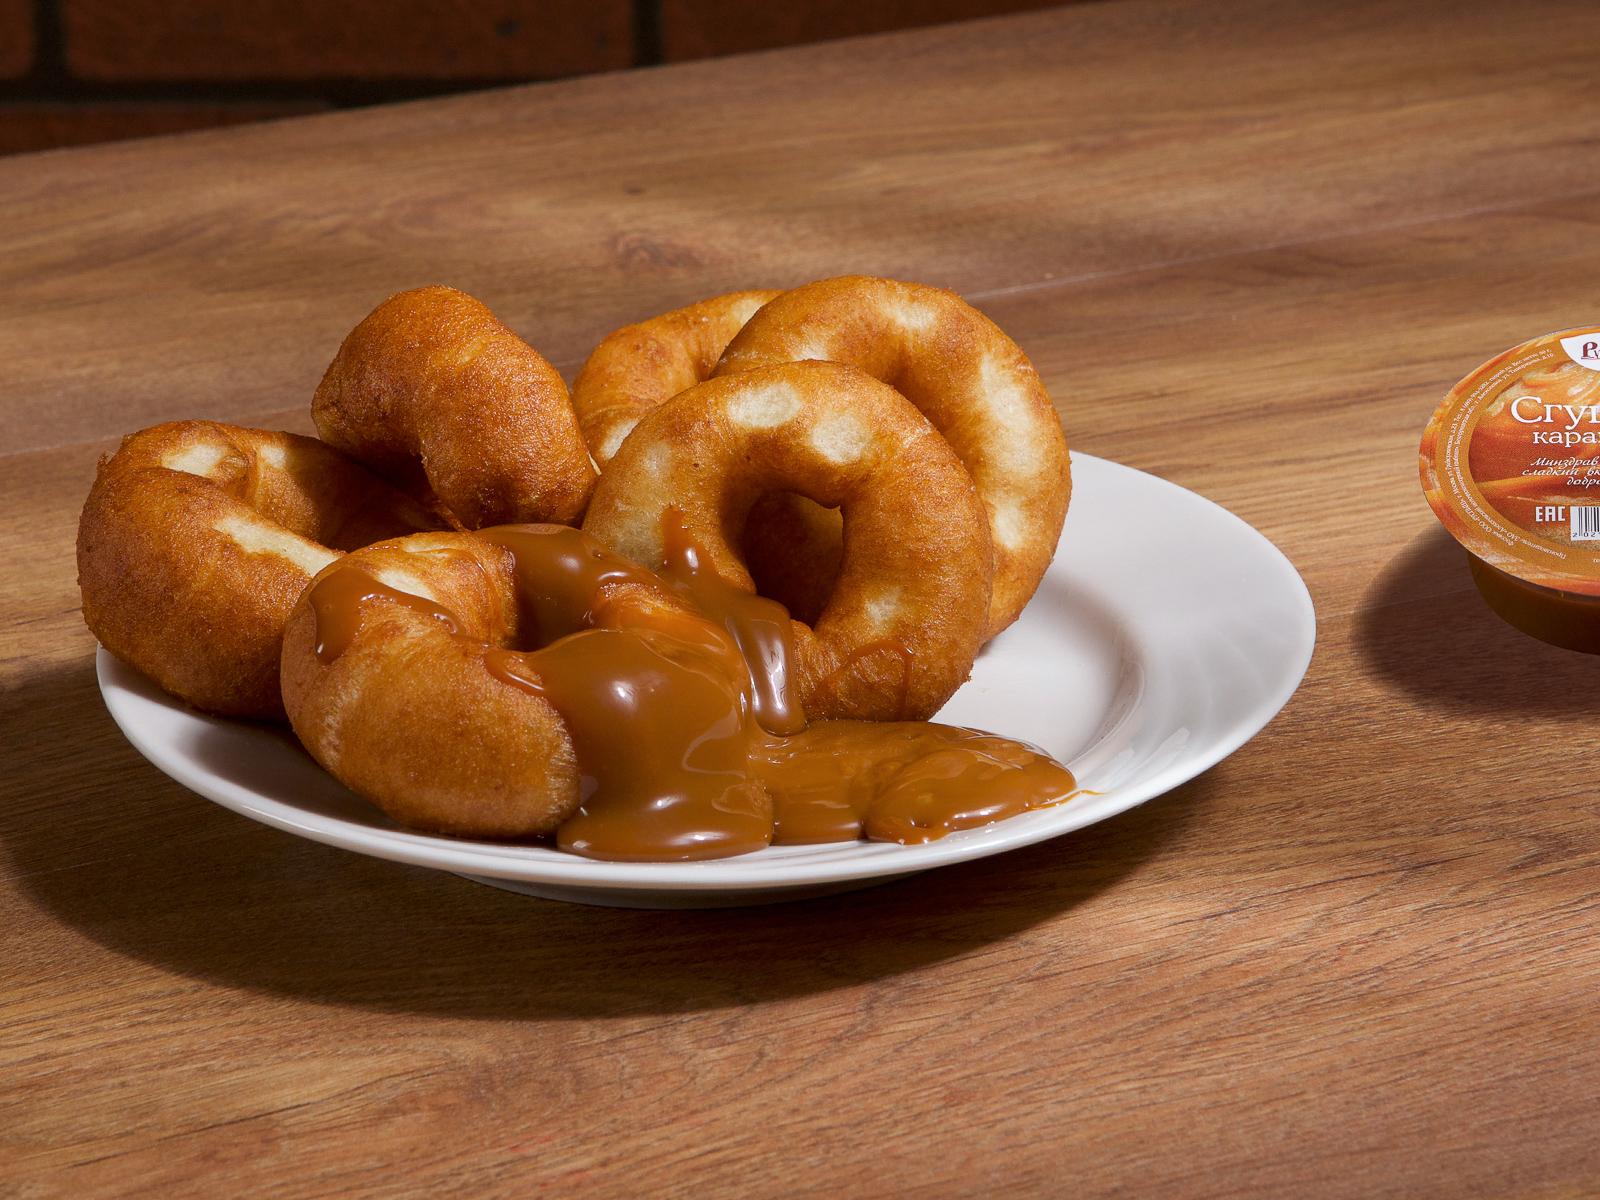 Пончики с карамельной сгущенкой